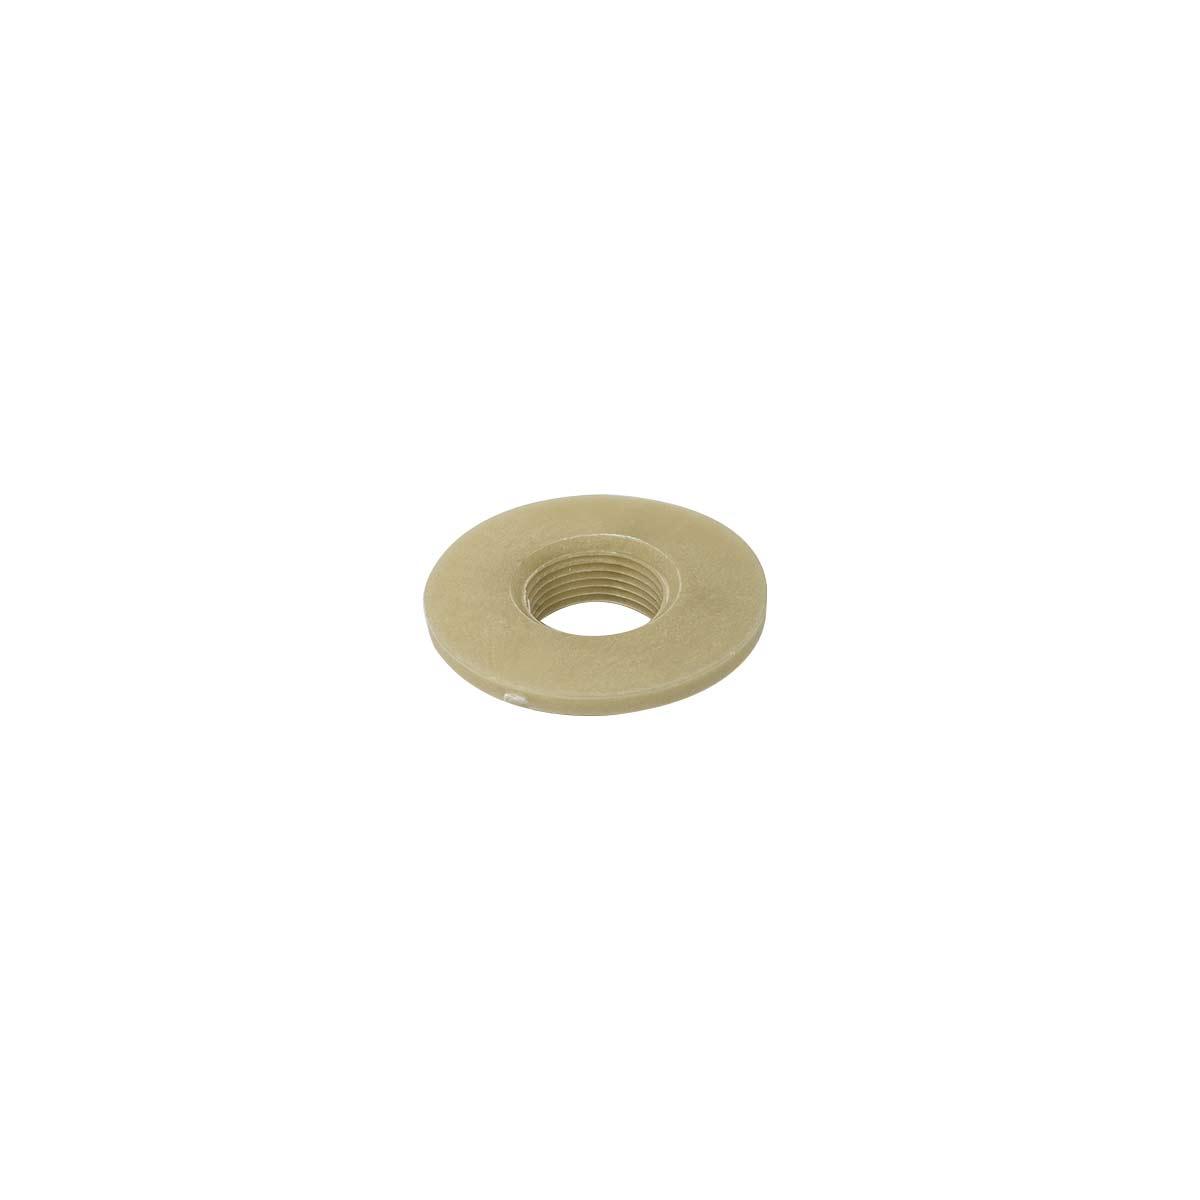 Rosca de acoplamento do batedor para Tanquinho Colormaq 6, 7, 10, 13 e 15kg